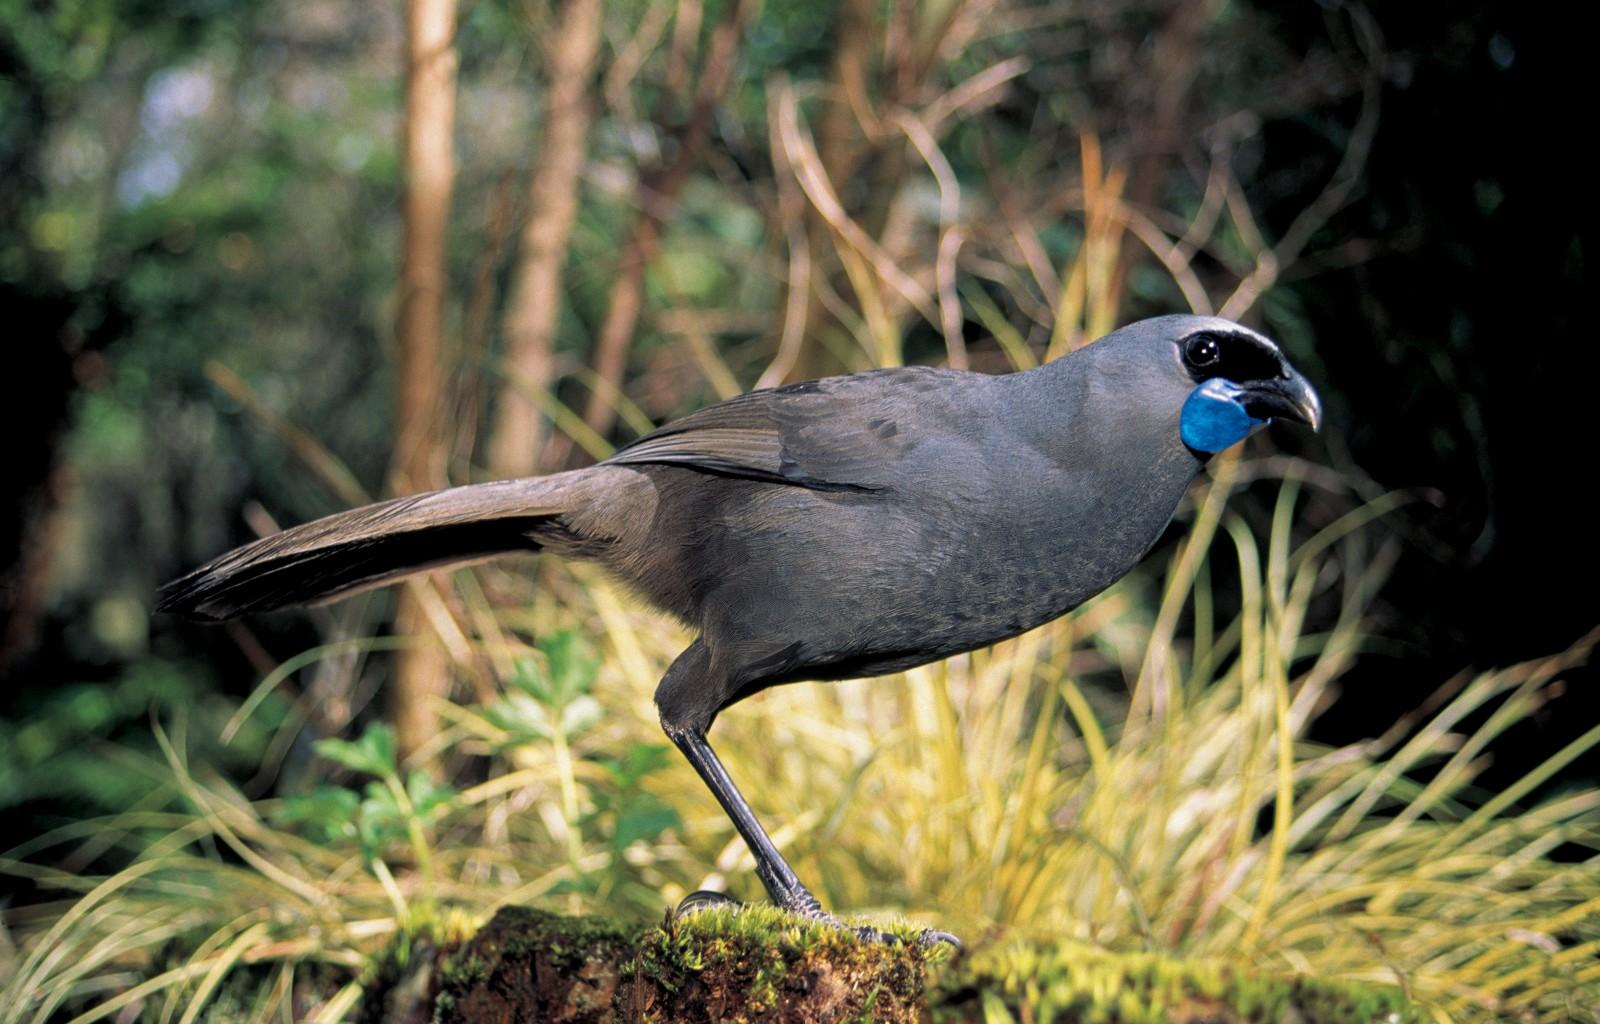 Kokako New Zealand Geographic